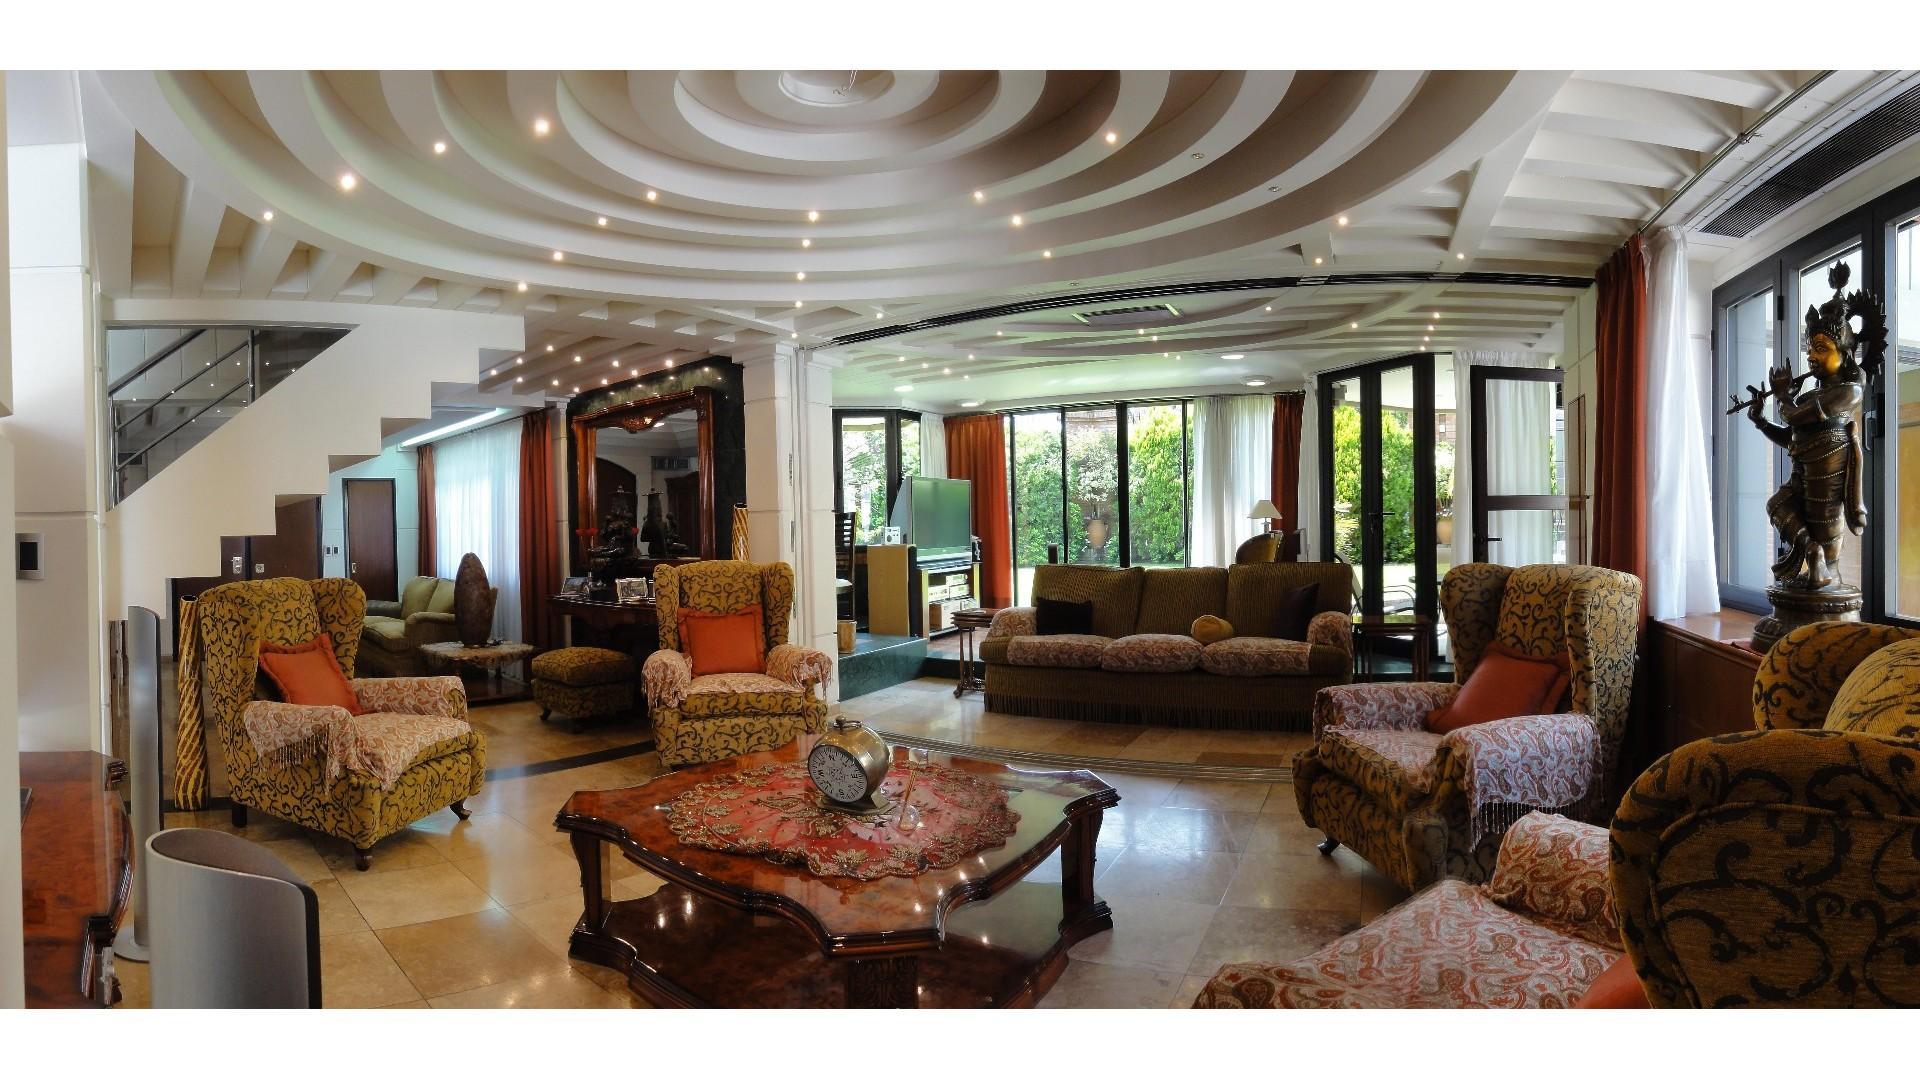 Excepcional Casa con Cocheras, Parque y Piscina